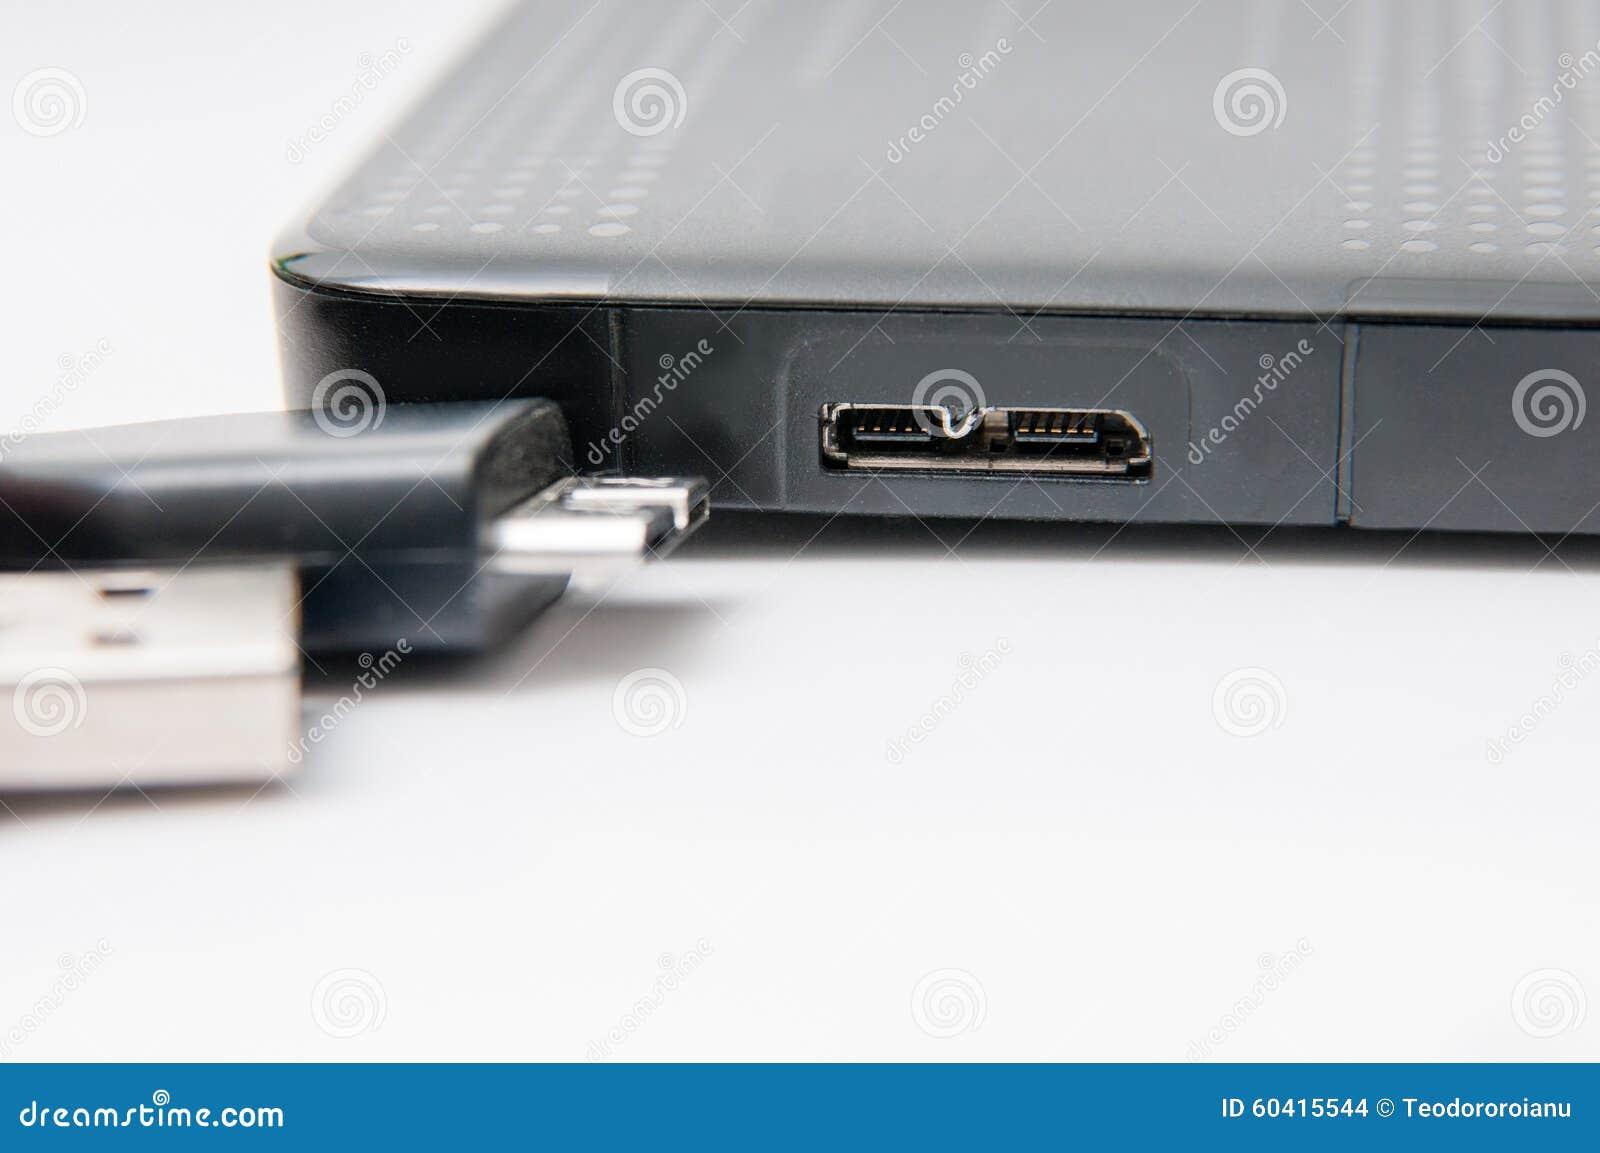 硬盘驱动器和缆绳上面